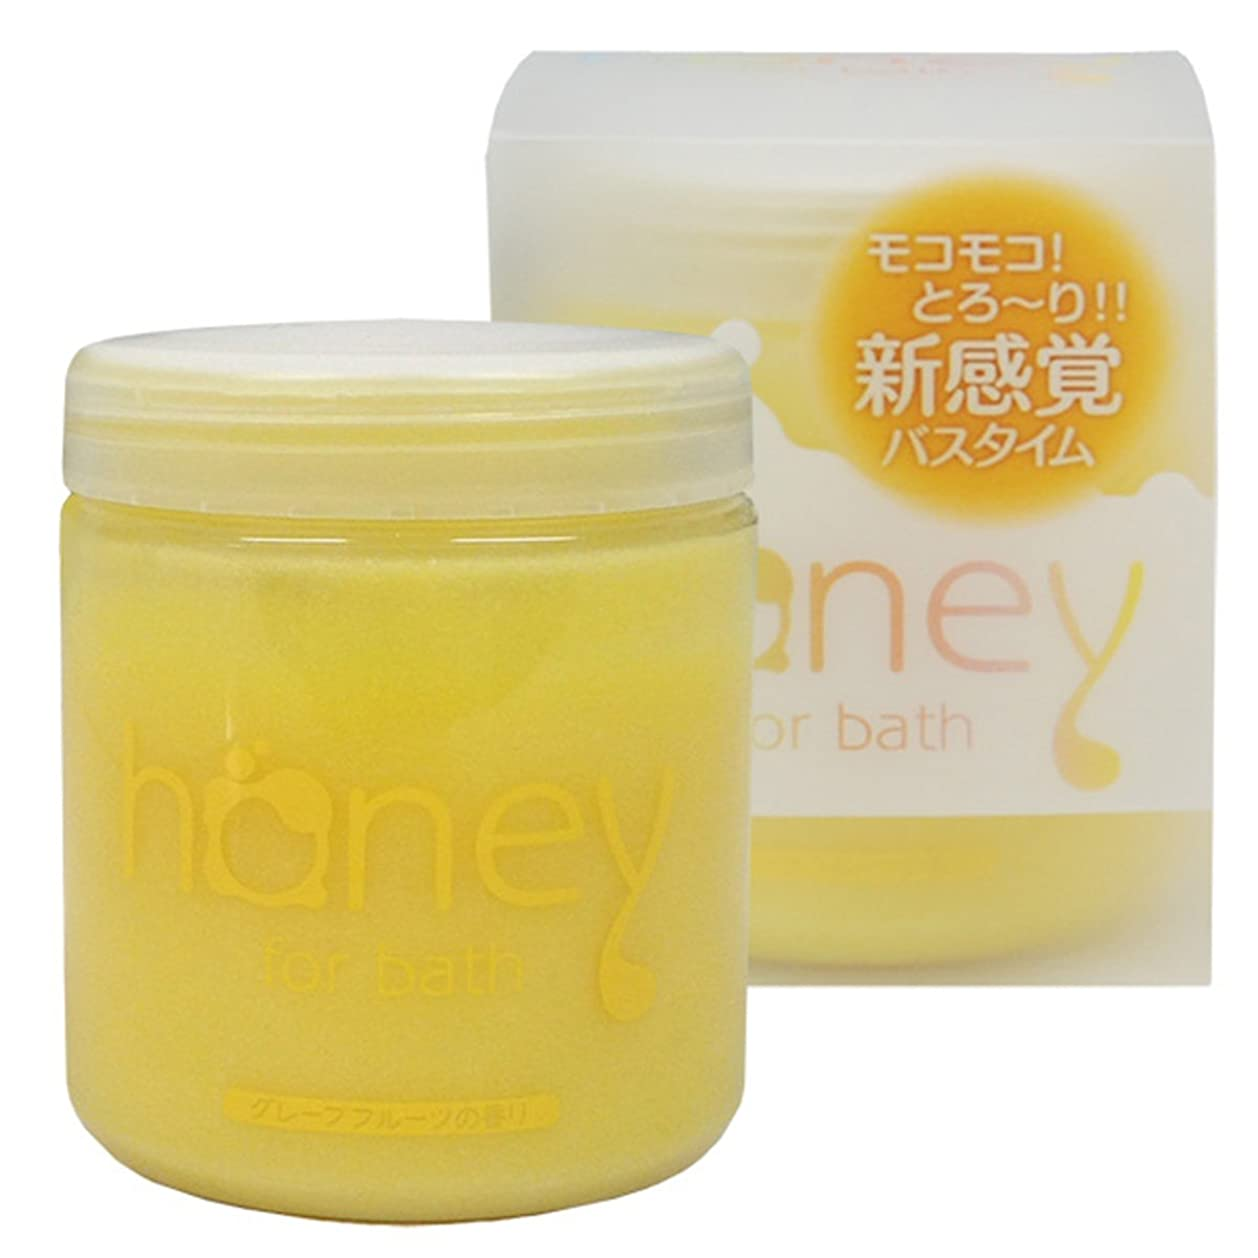 初期宇宙飛行士配当とろとろ入浴剤【honey】(ハニー) イエロー グレープフルーツの香り 泡タイプ ローション バブルバス